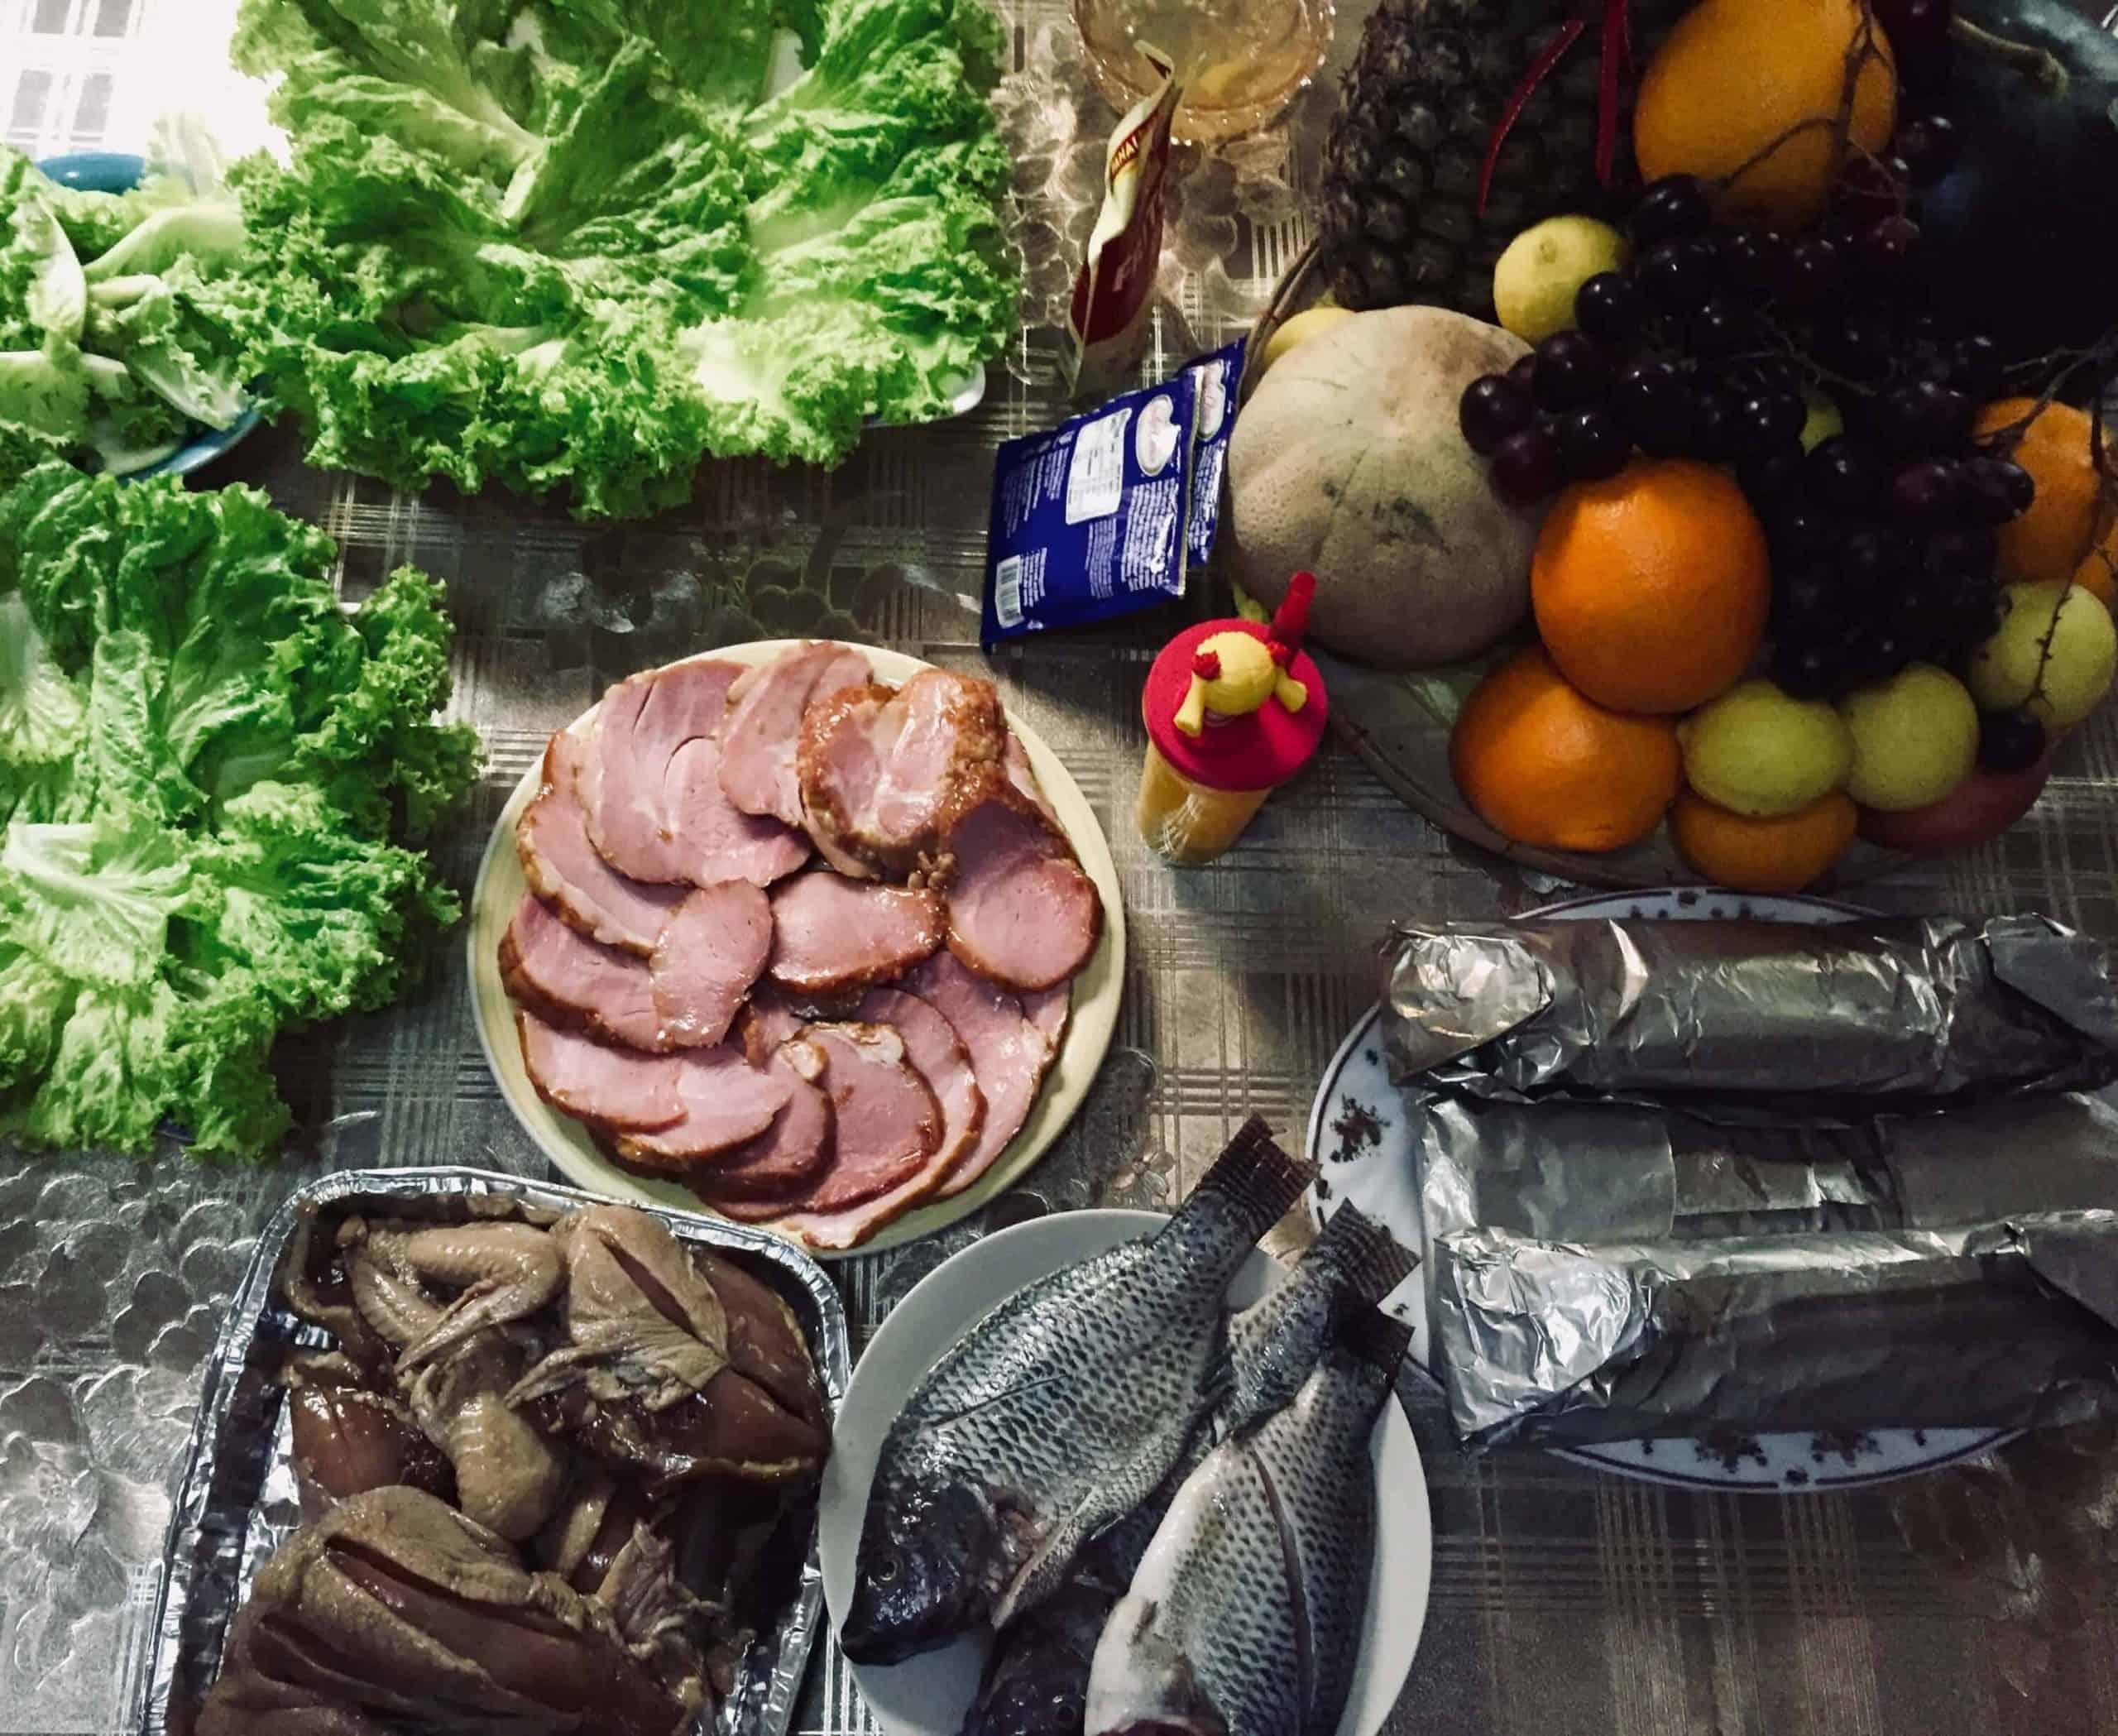 az erekciós ételek javítása nem száz százalékos merevedés